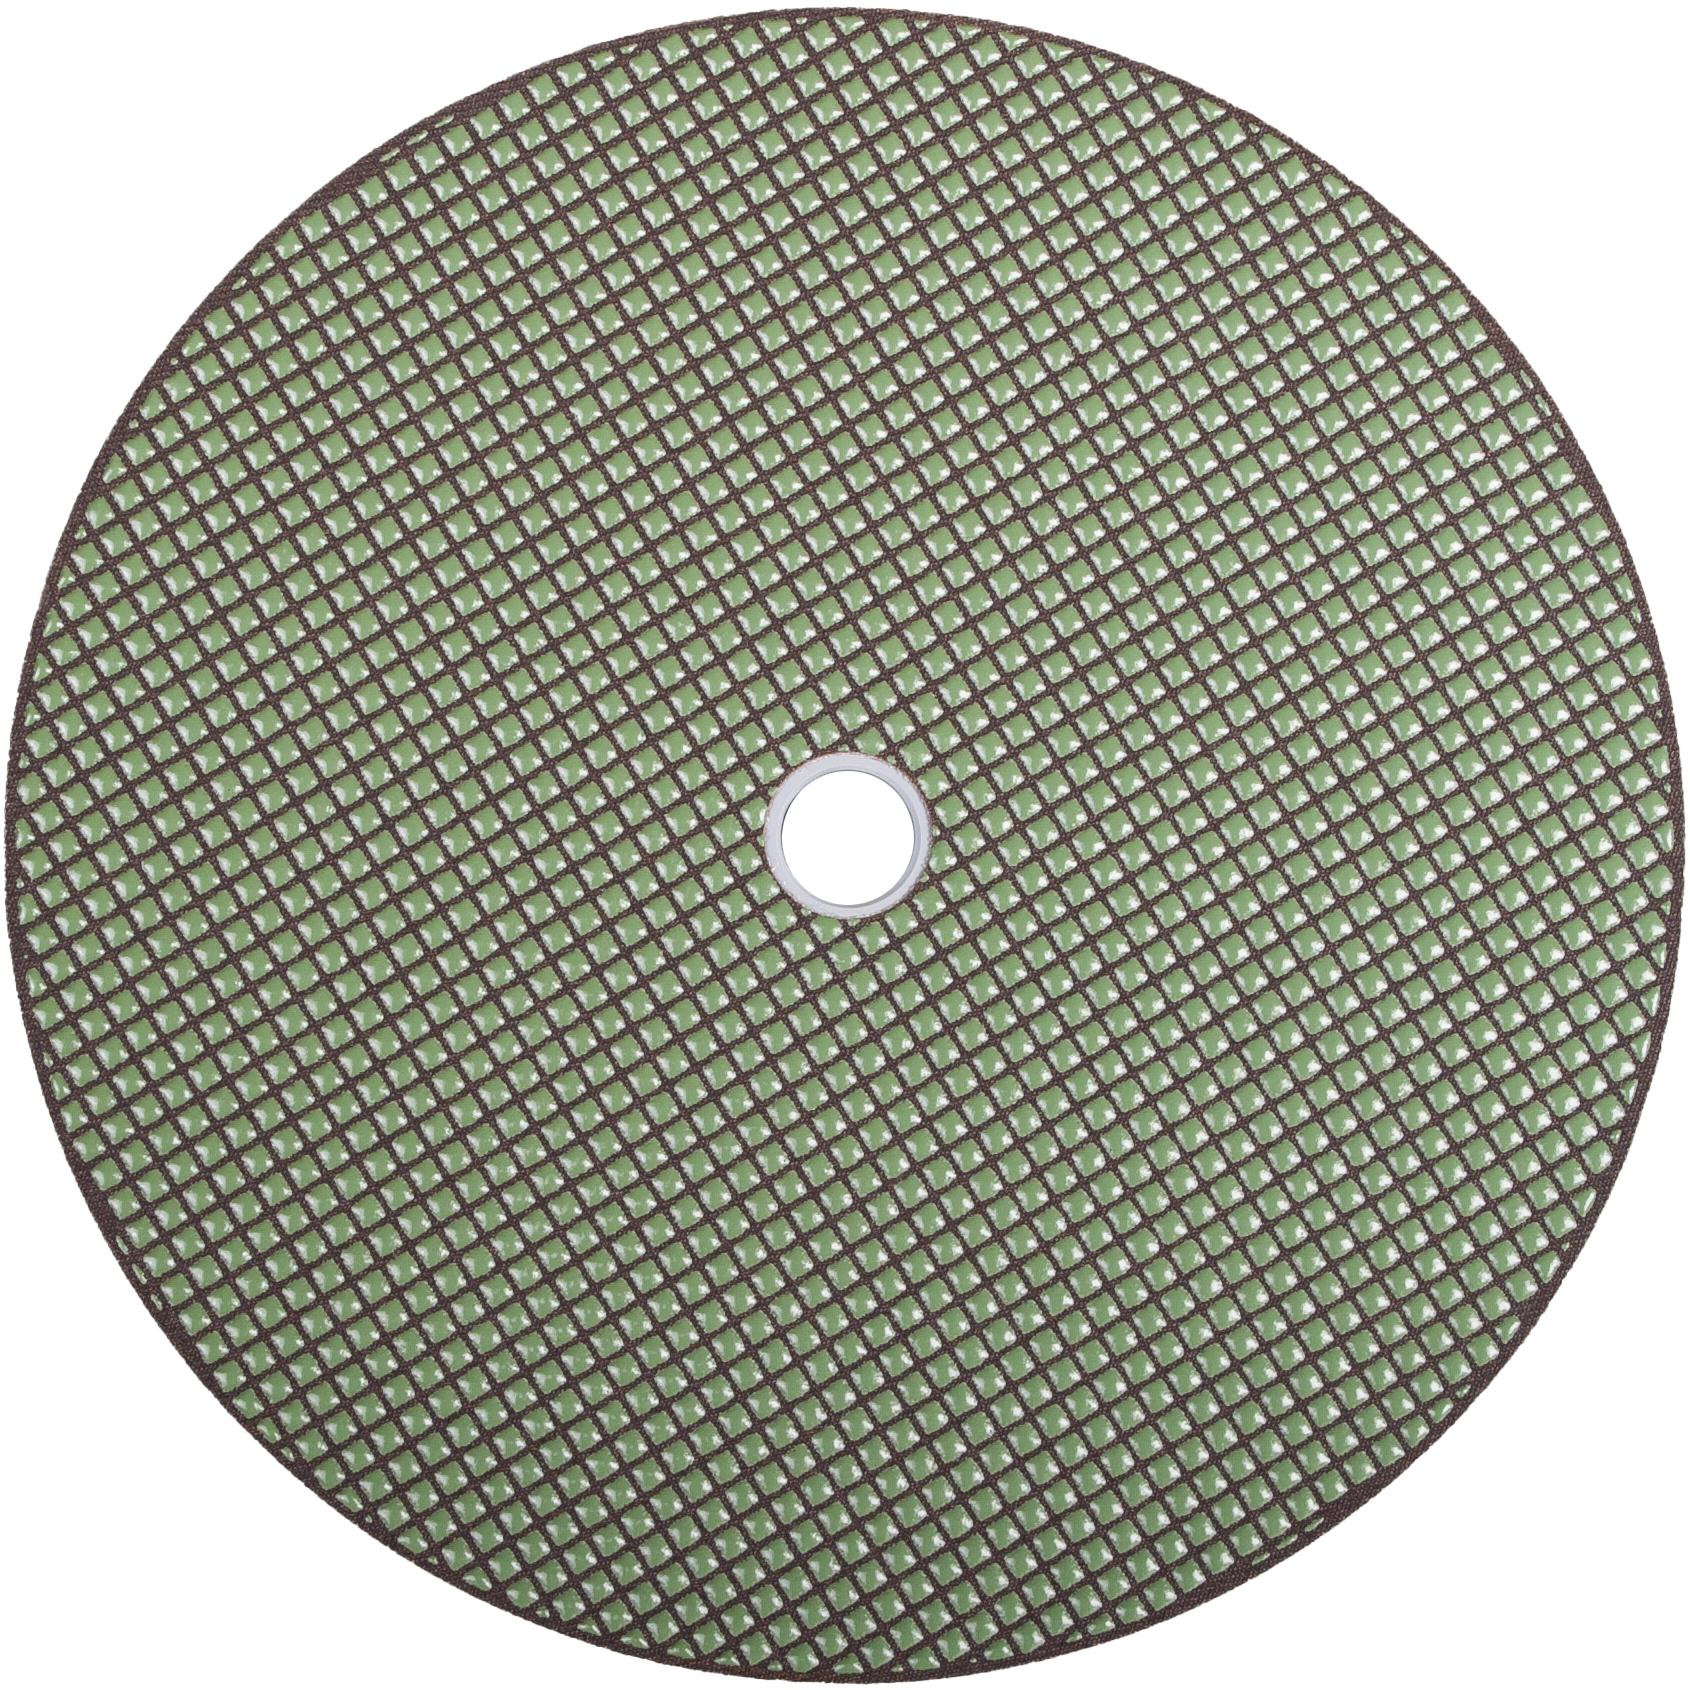 Diamantschleifteller OCTRON ø 250 mm   Klett   Korn 200